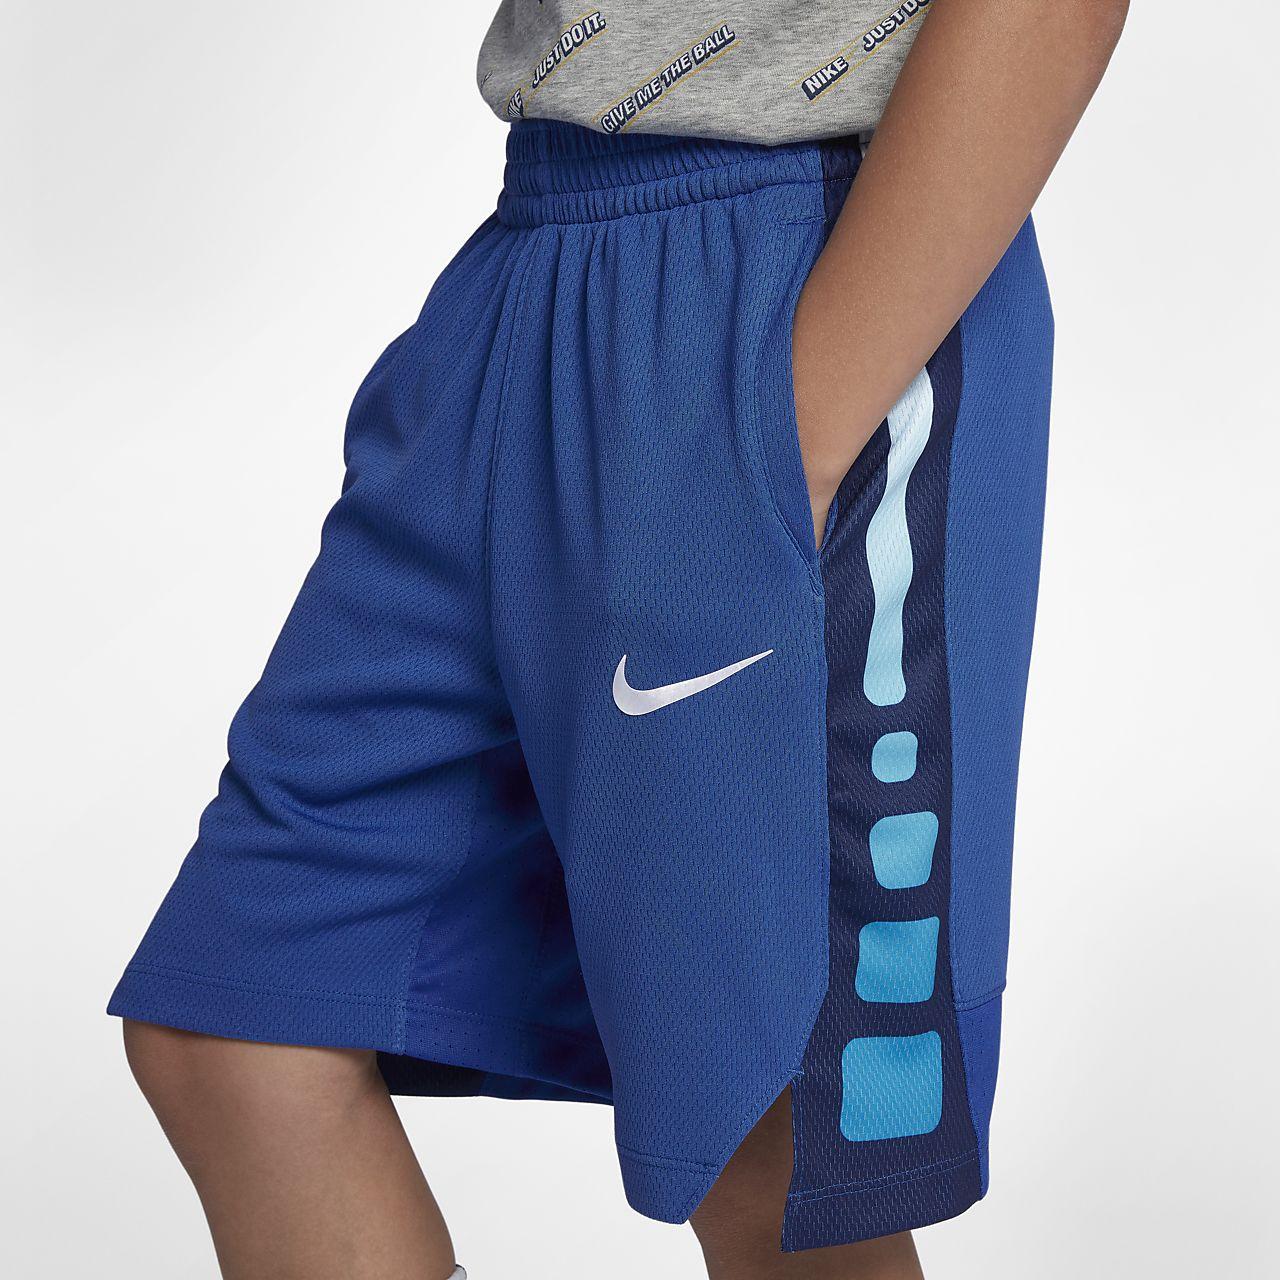 186d56326585 ... buy nike dri fit elite big kids boys basketball shorts 3e61f f5365